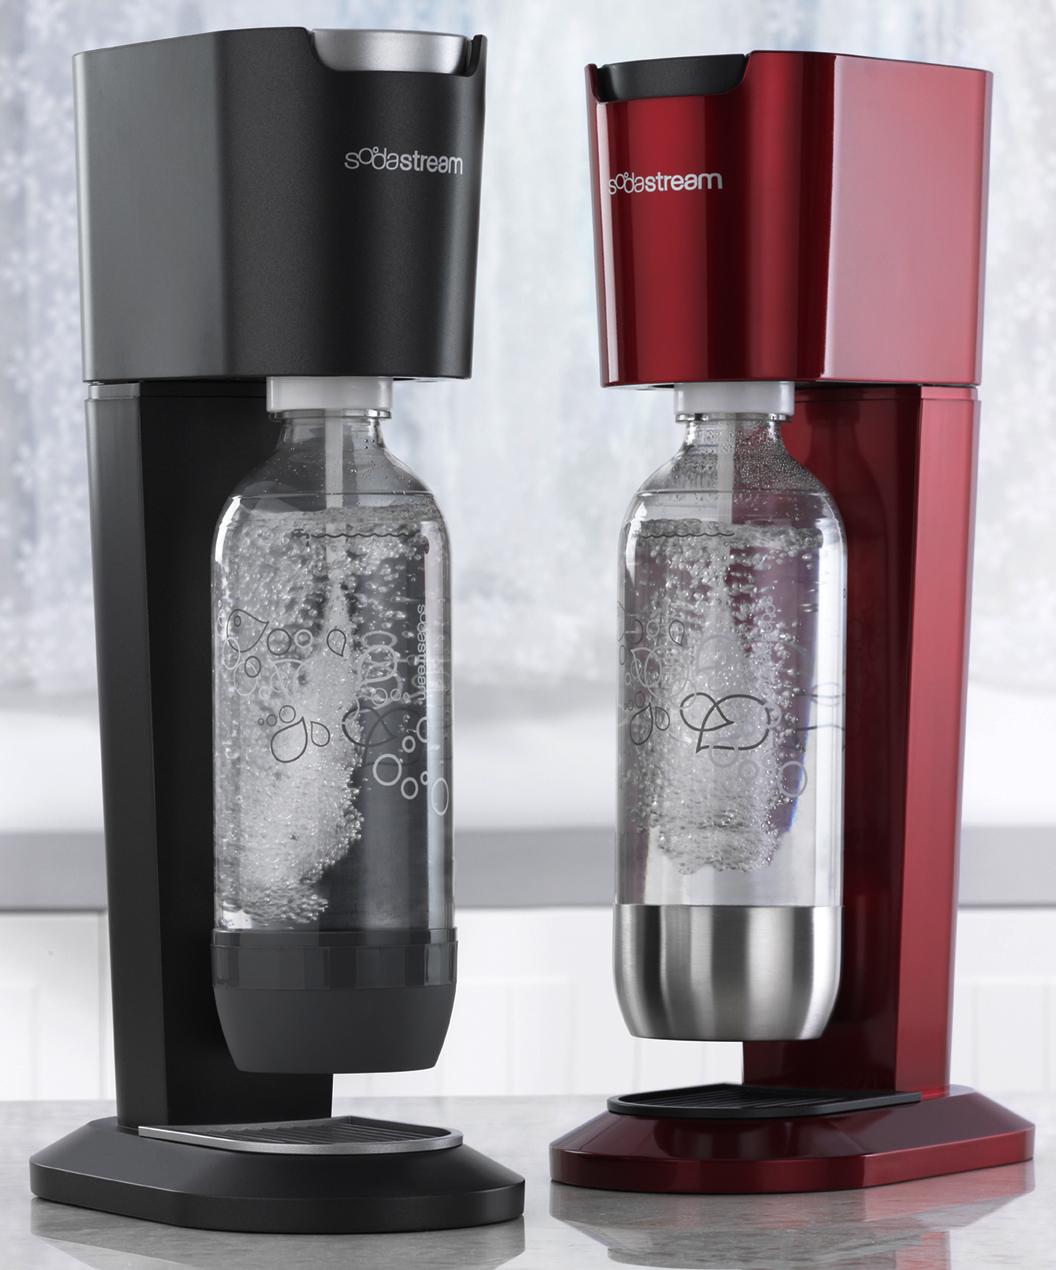 SodaStream 2.jpg